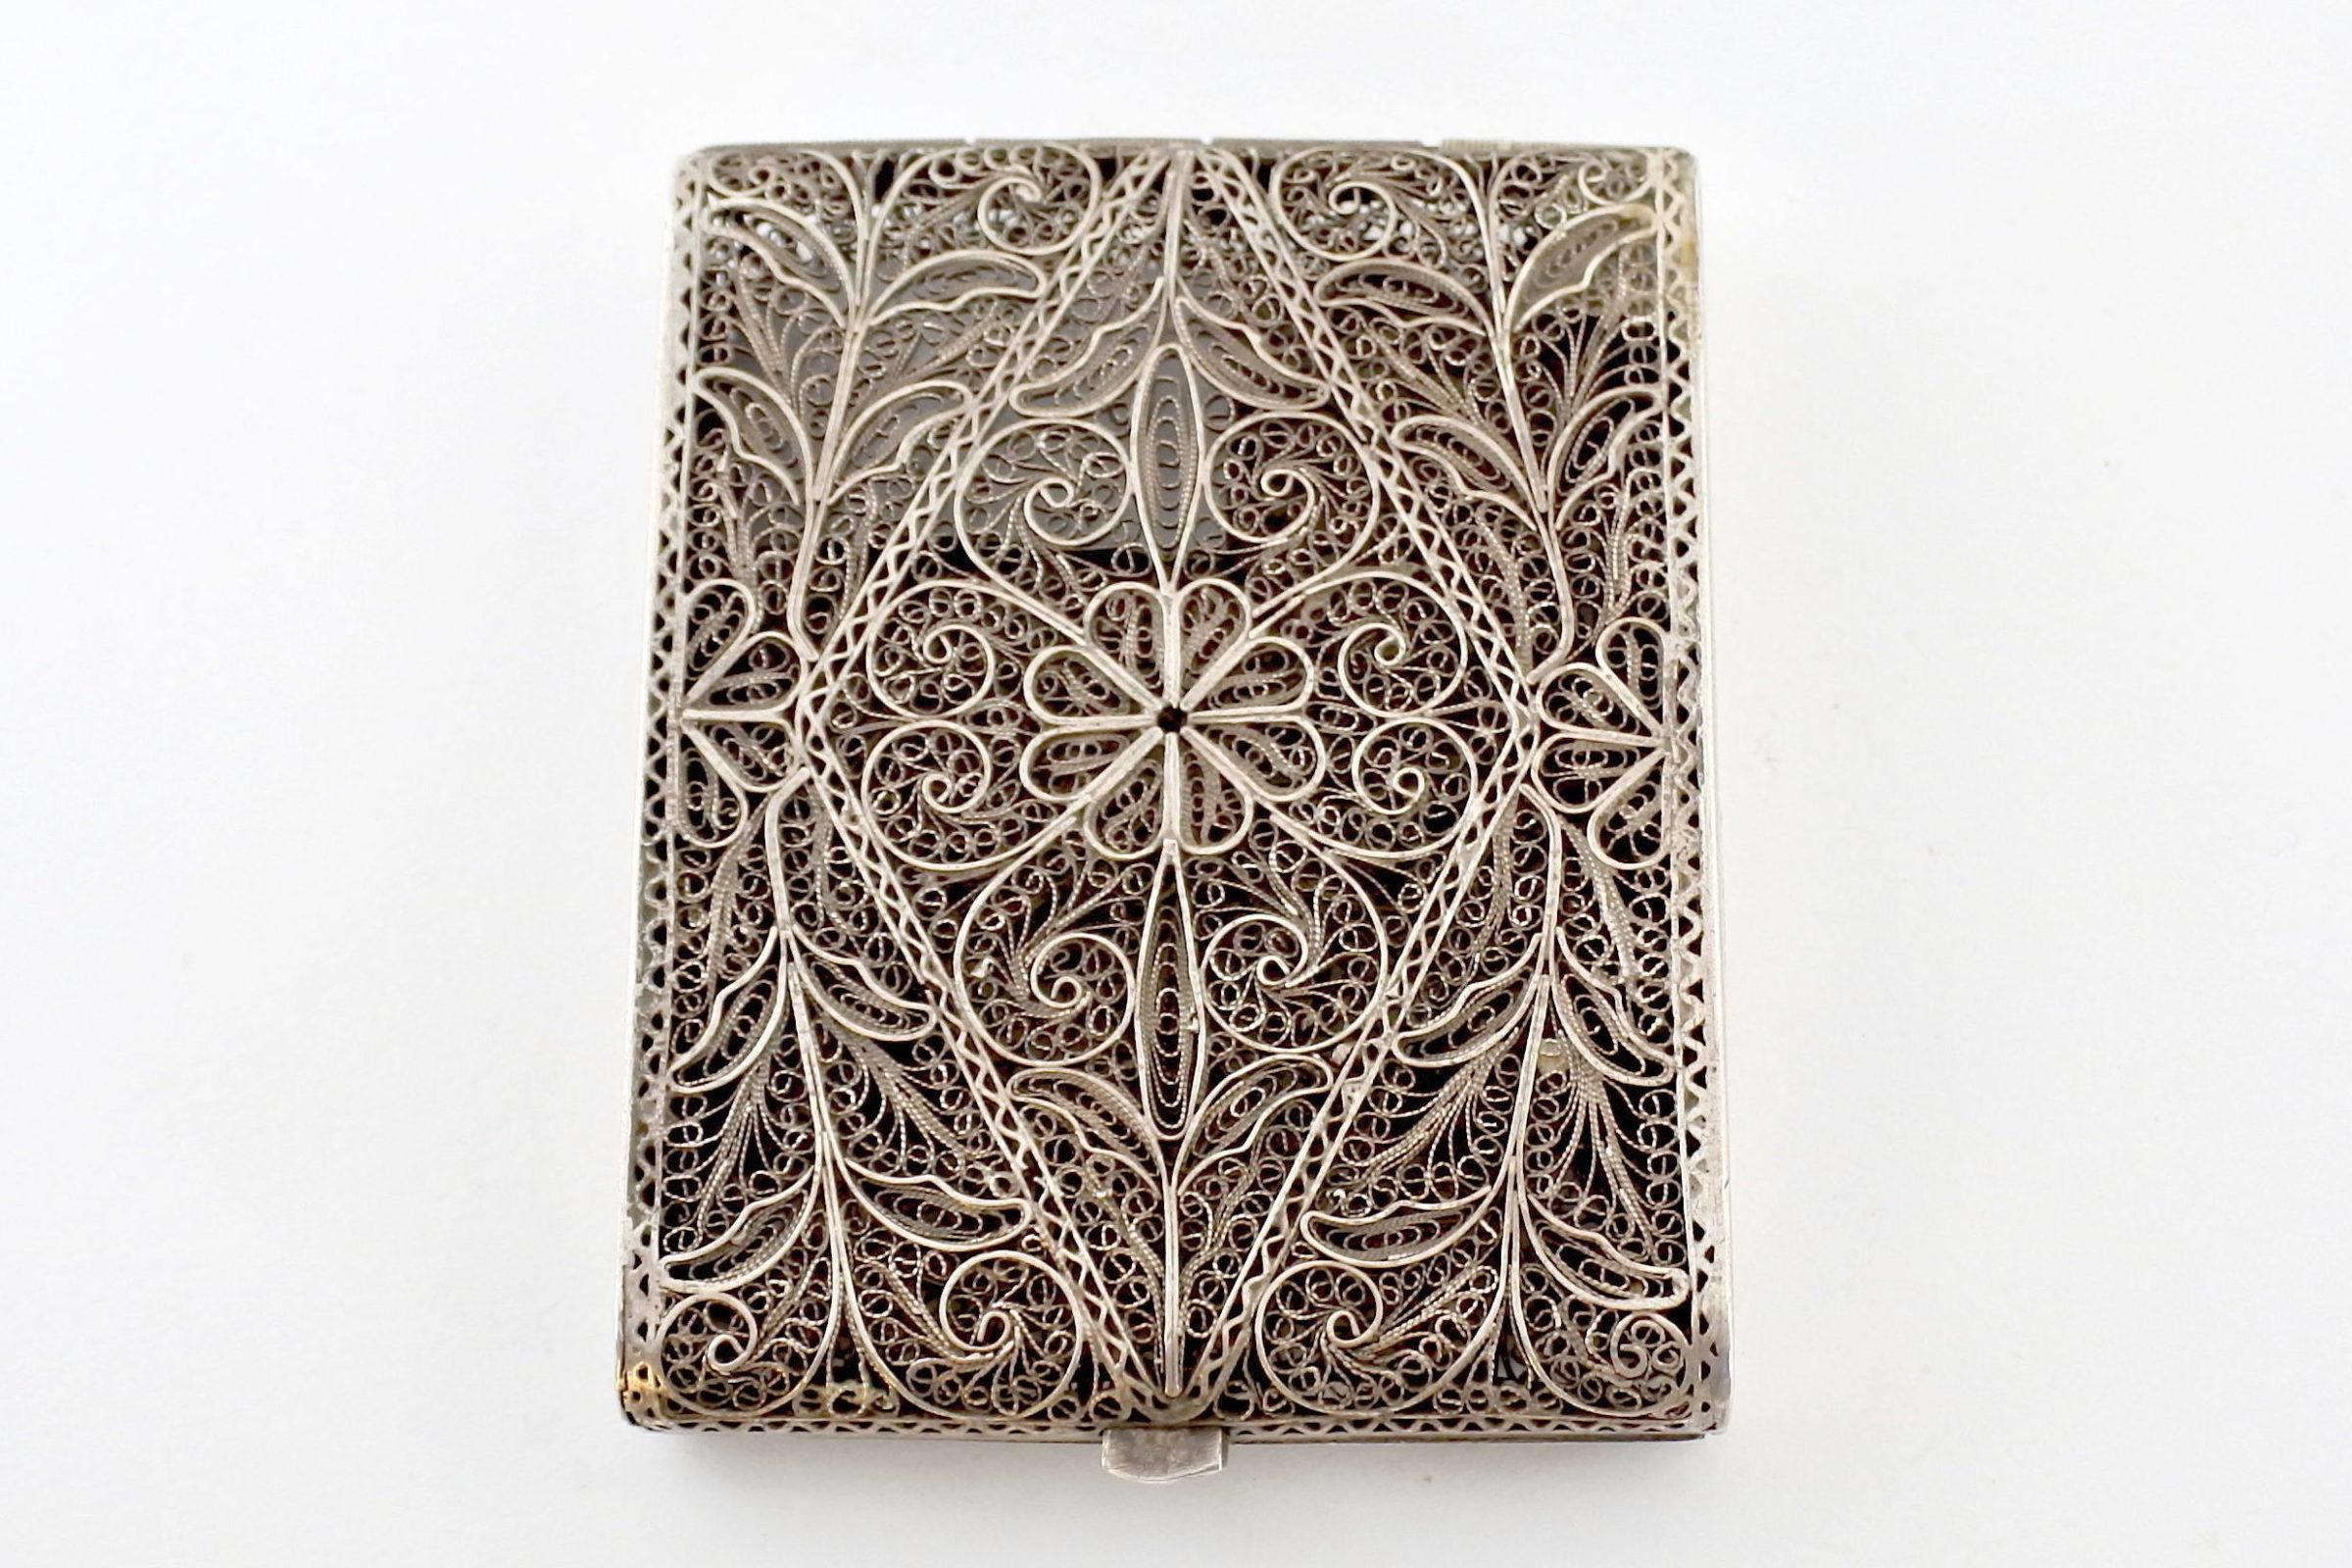 Portabiglietti in filigrana d'argento con decoro floreale